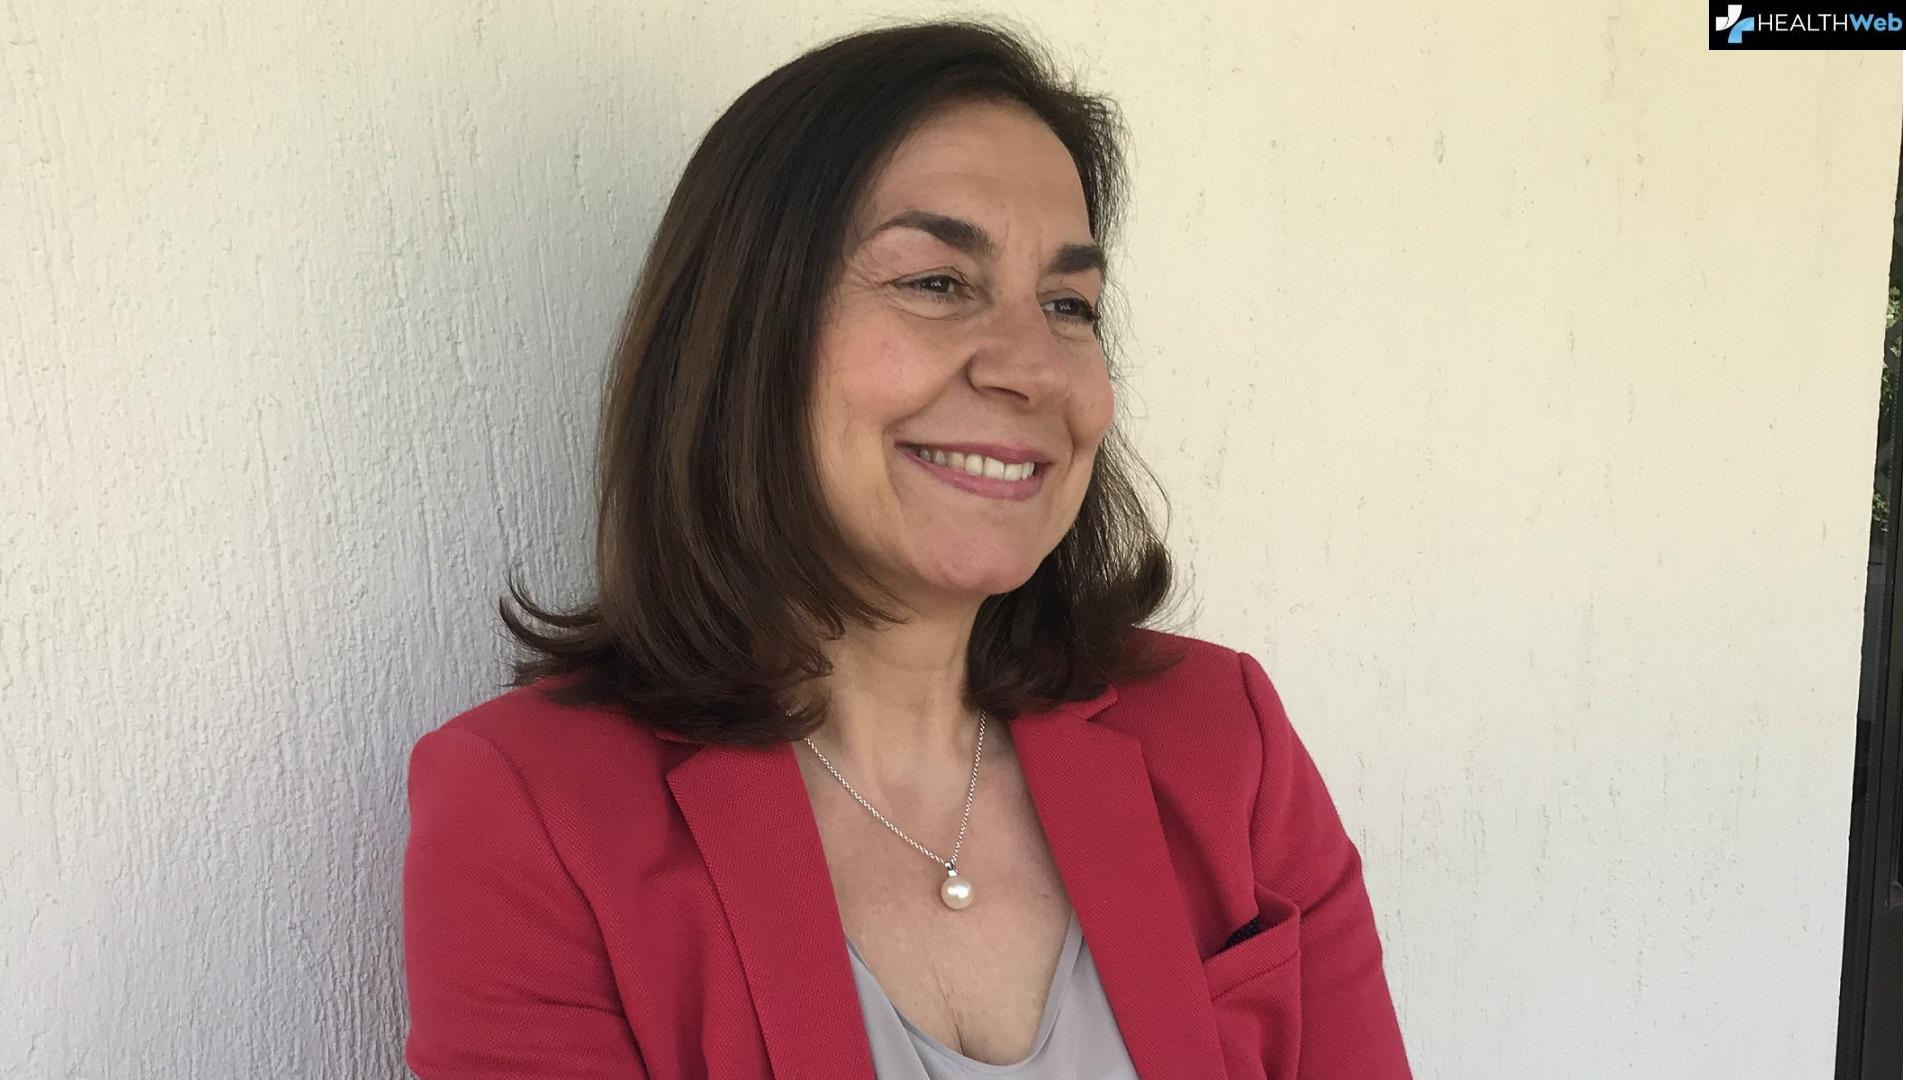 Βαρβάρα Μπαρούτσου: Η πρόσφατη ανατιμολόγηση φαρμάκων δημιουργεί κλίμα αποεπένδυσης και ενδεχόμενες νομικές διεκδικήσεις